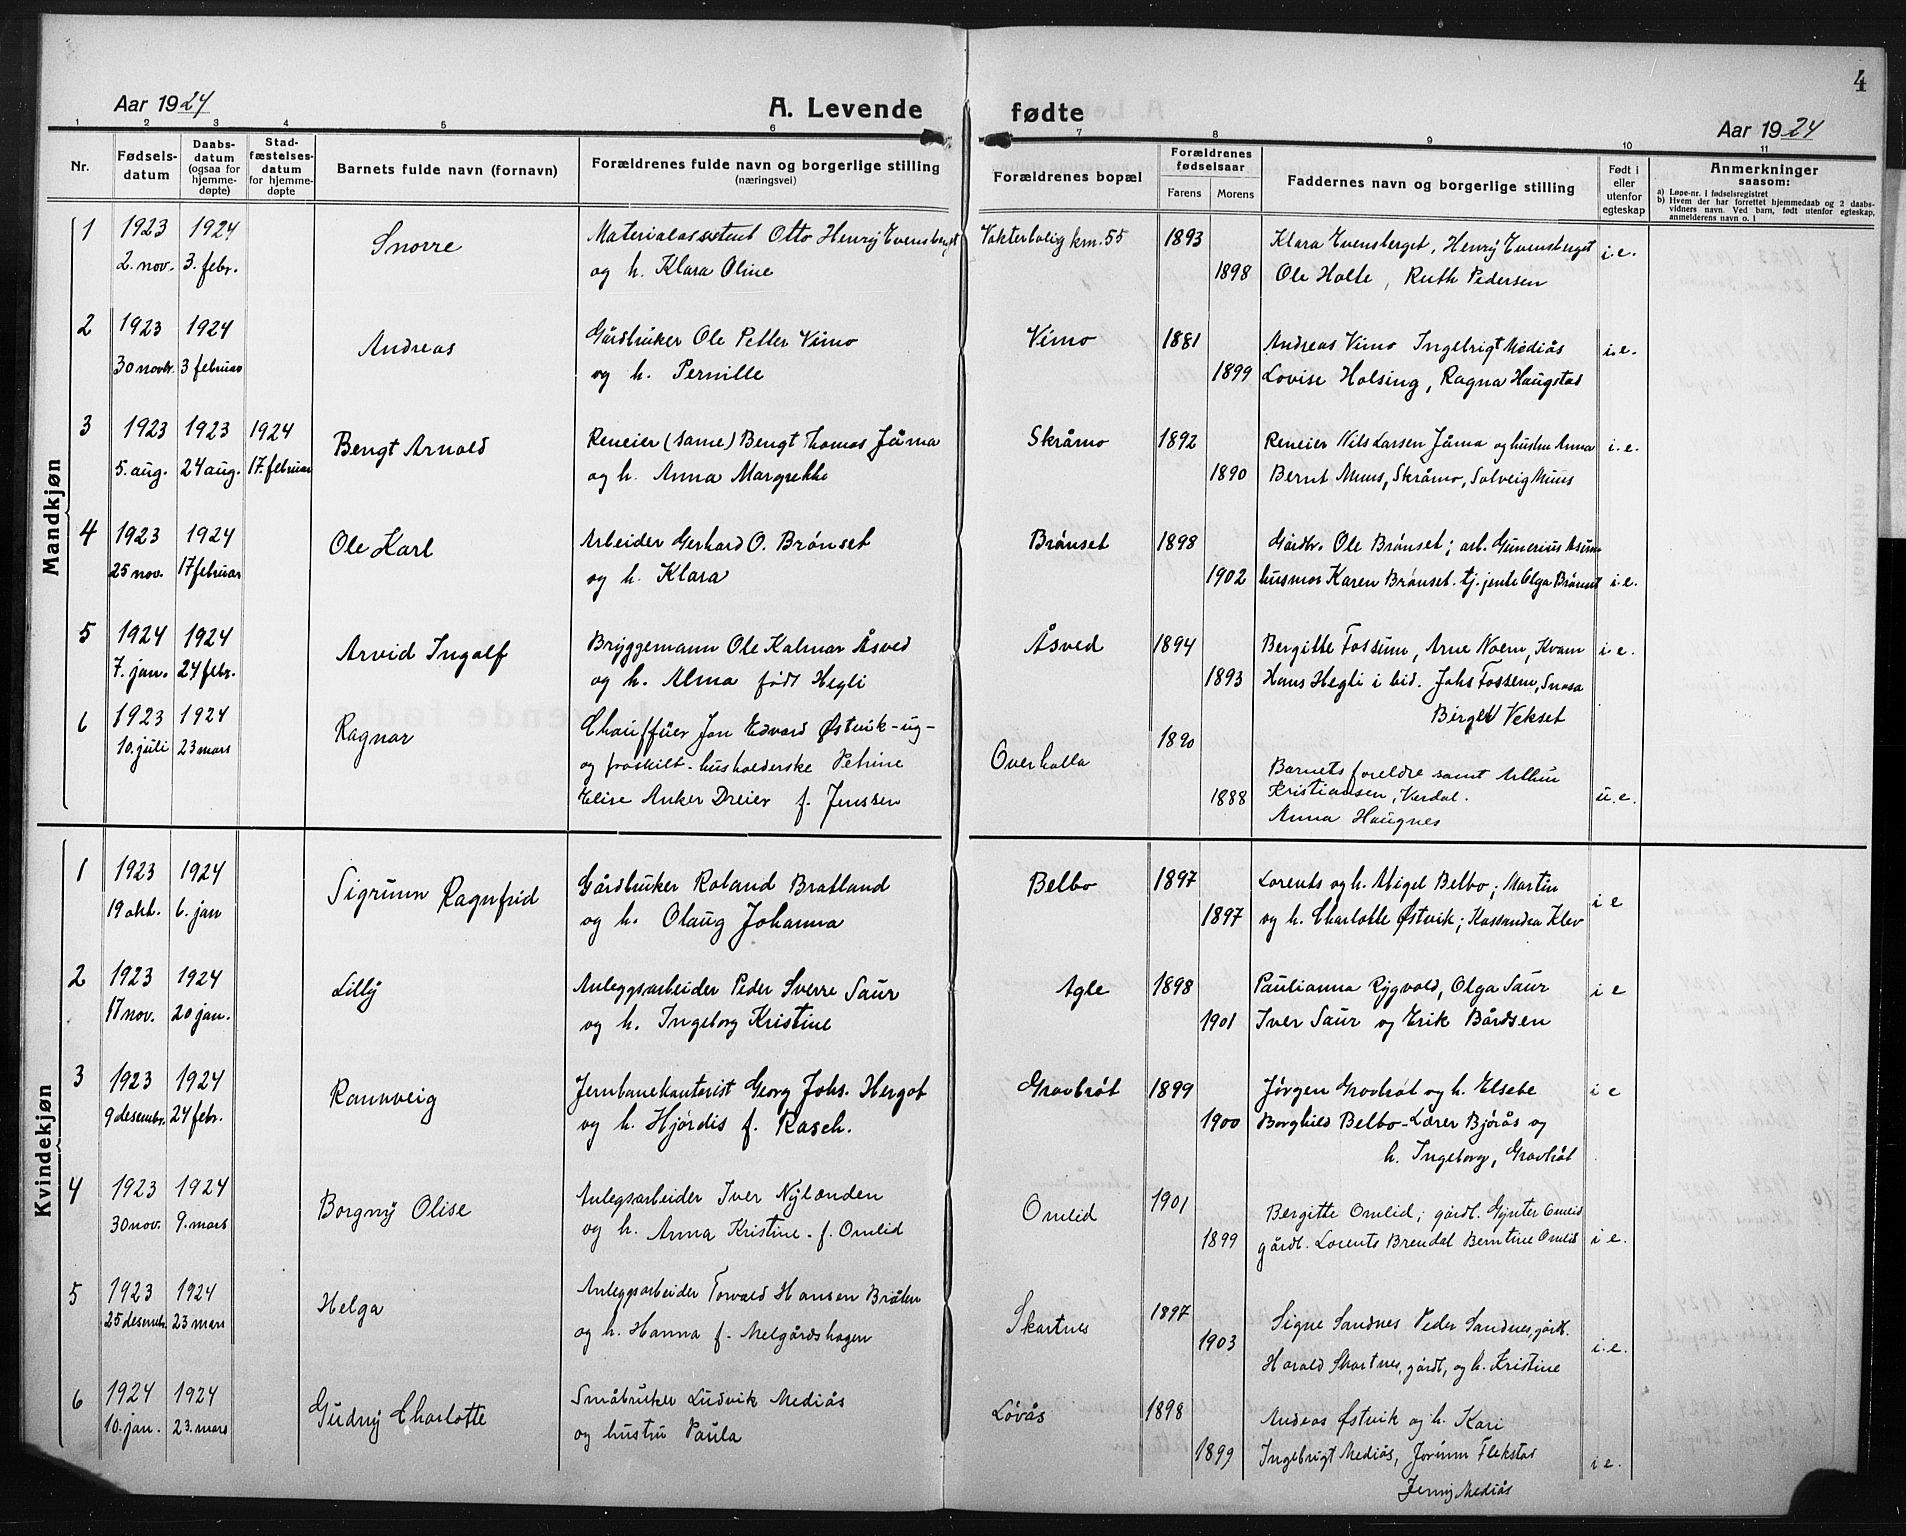 SAT, Ministerialprotokoller, klokkerbøker og fødselsregistre - Nord-Trøndelag, 749/L0480: Klokkerbok nr. 749C02, 1924-1932, s. 4